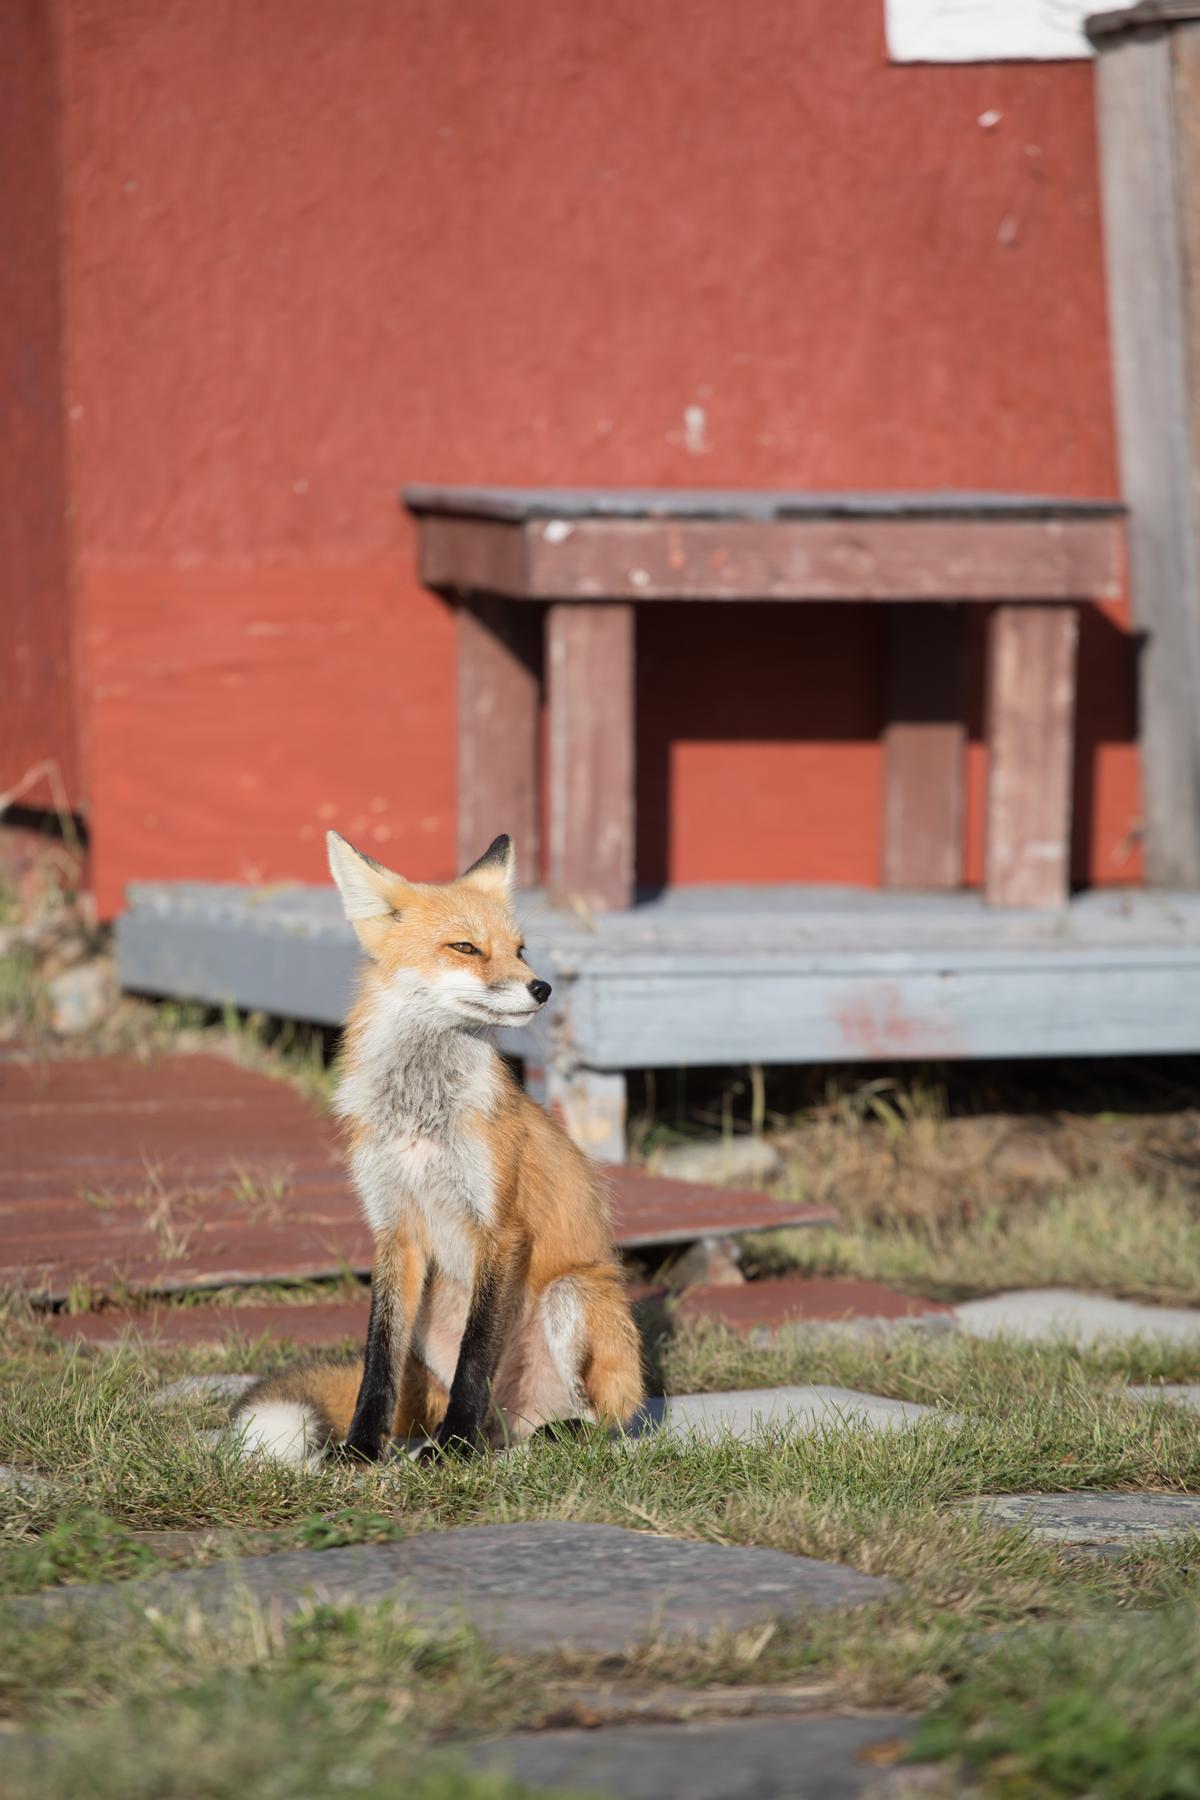 這隻被取名「鐵板燒」的狐狸,有時會出沒在小築周遭,還會乖乖定住讓人拍照。